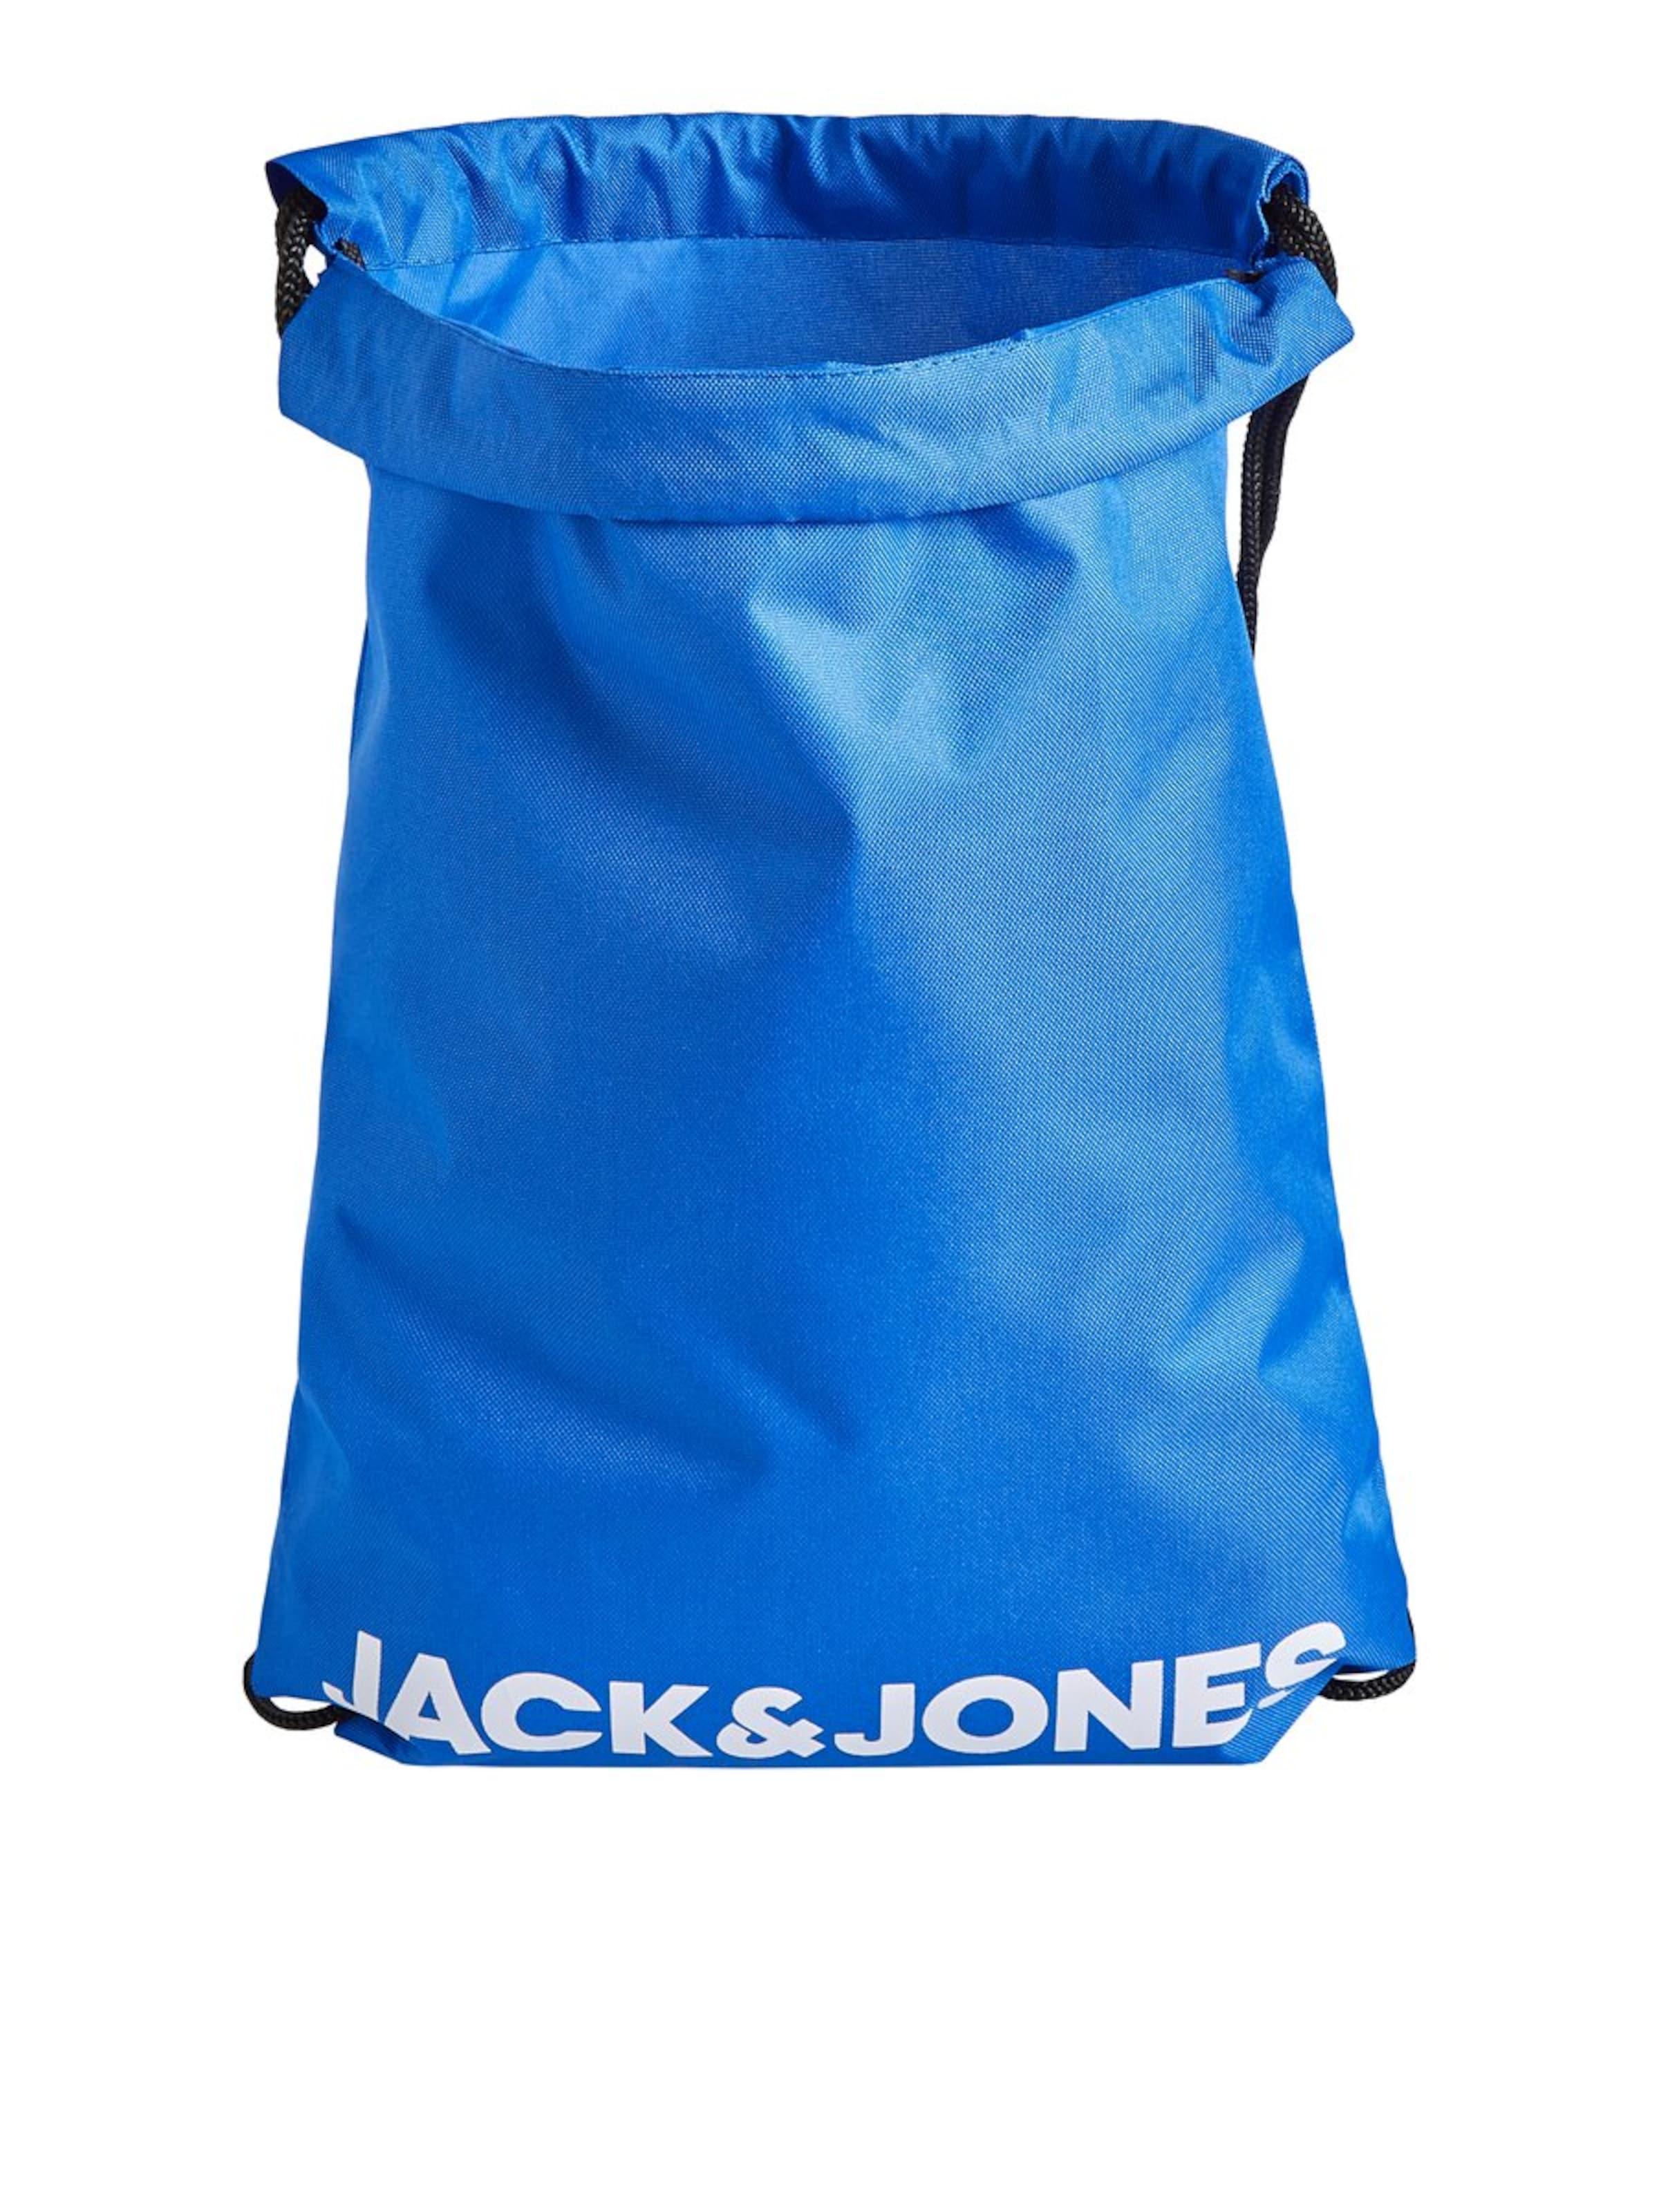 Jackamp; Jones Tasche Weiß RoyalblauSchwarz Sport In TFlJcK1